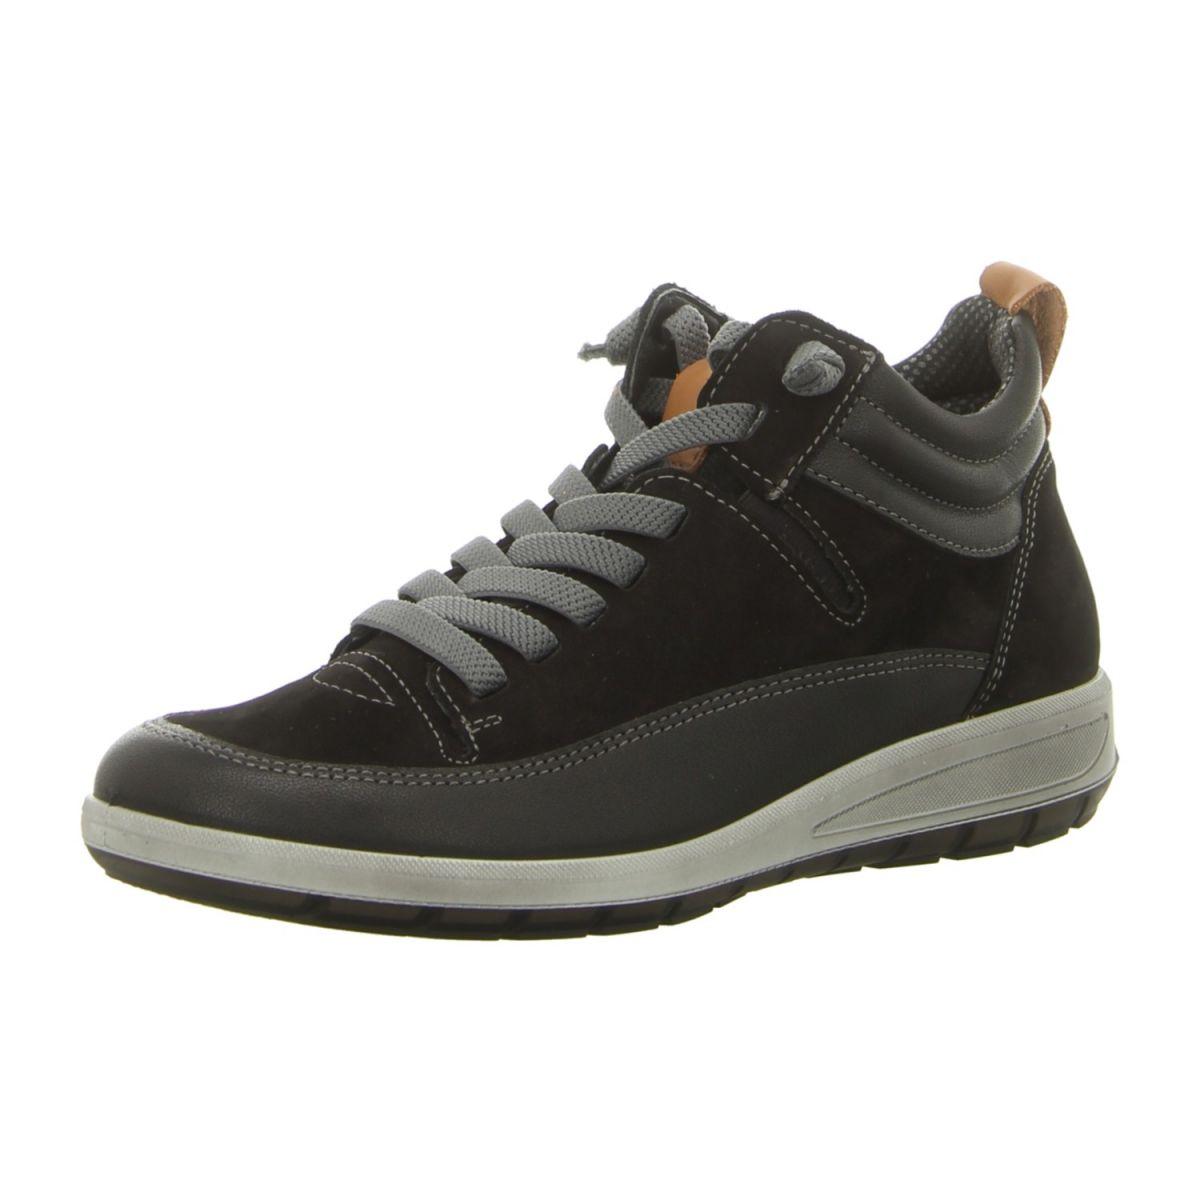 Schuhe günstig auf Rechnung kaufen | Billo Online Shop